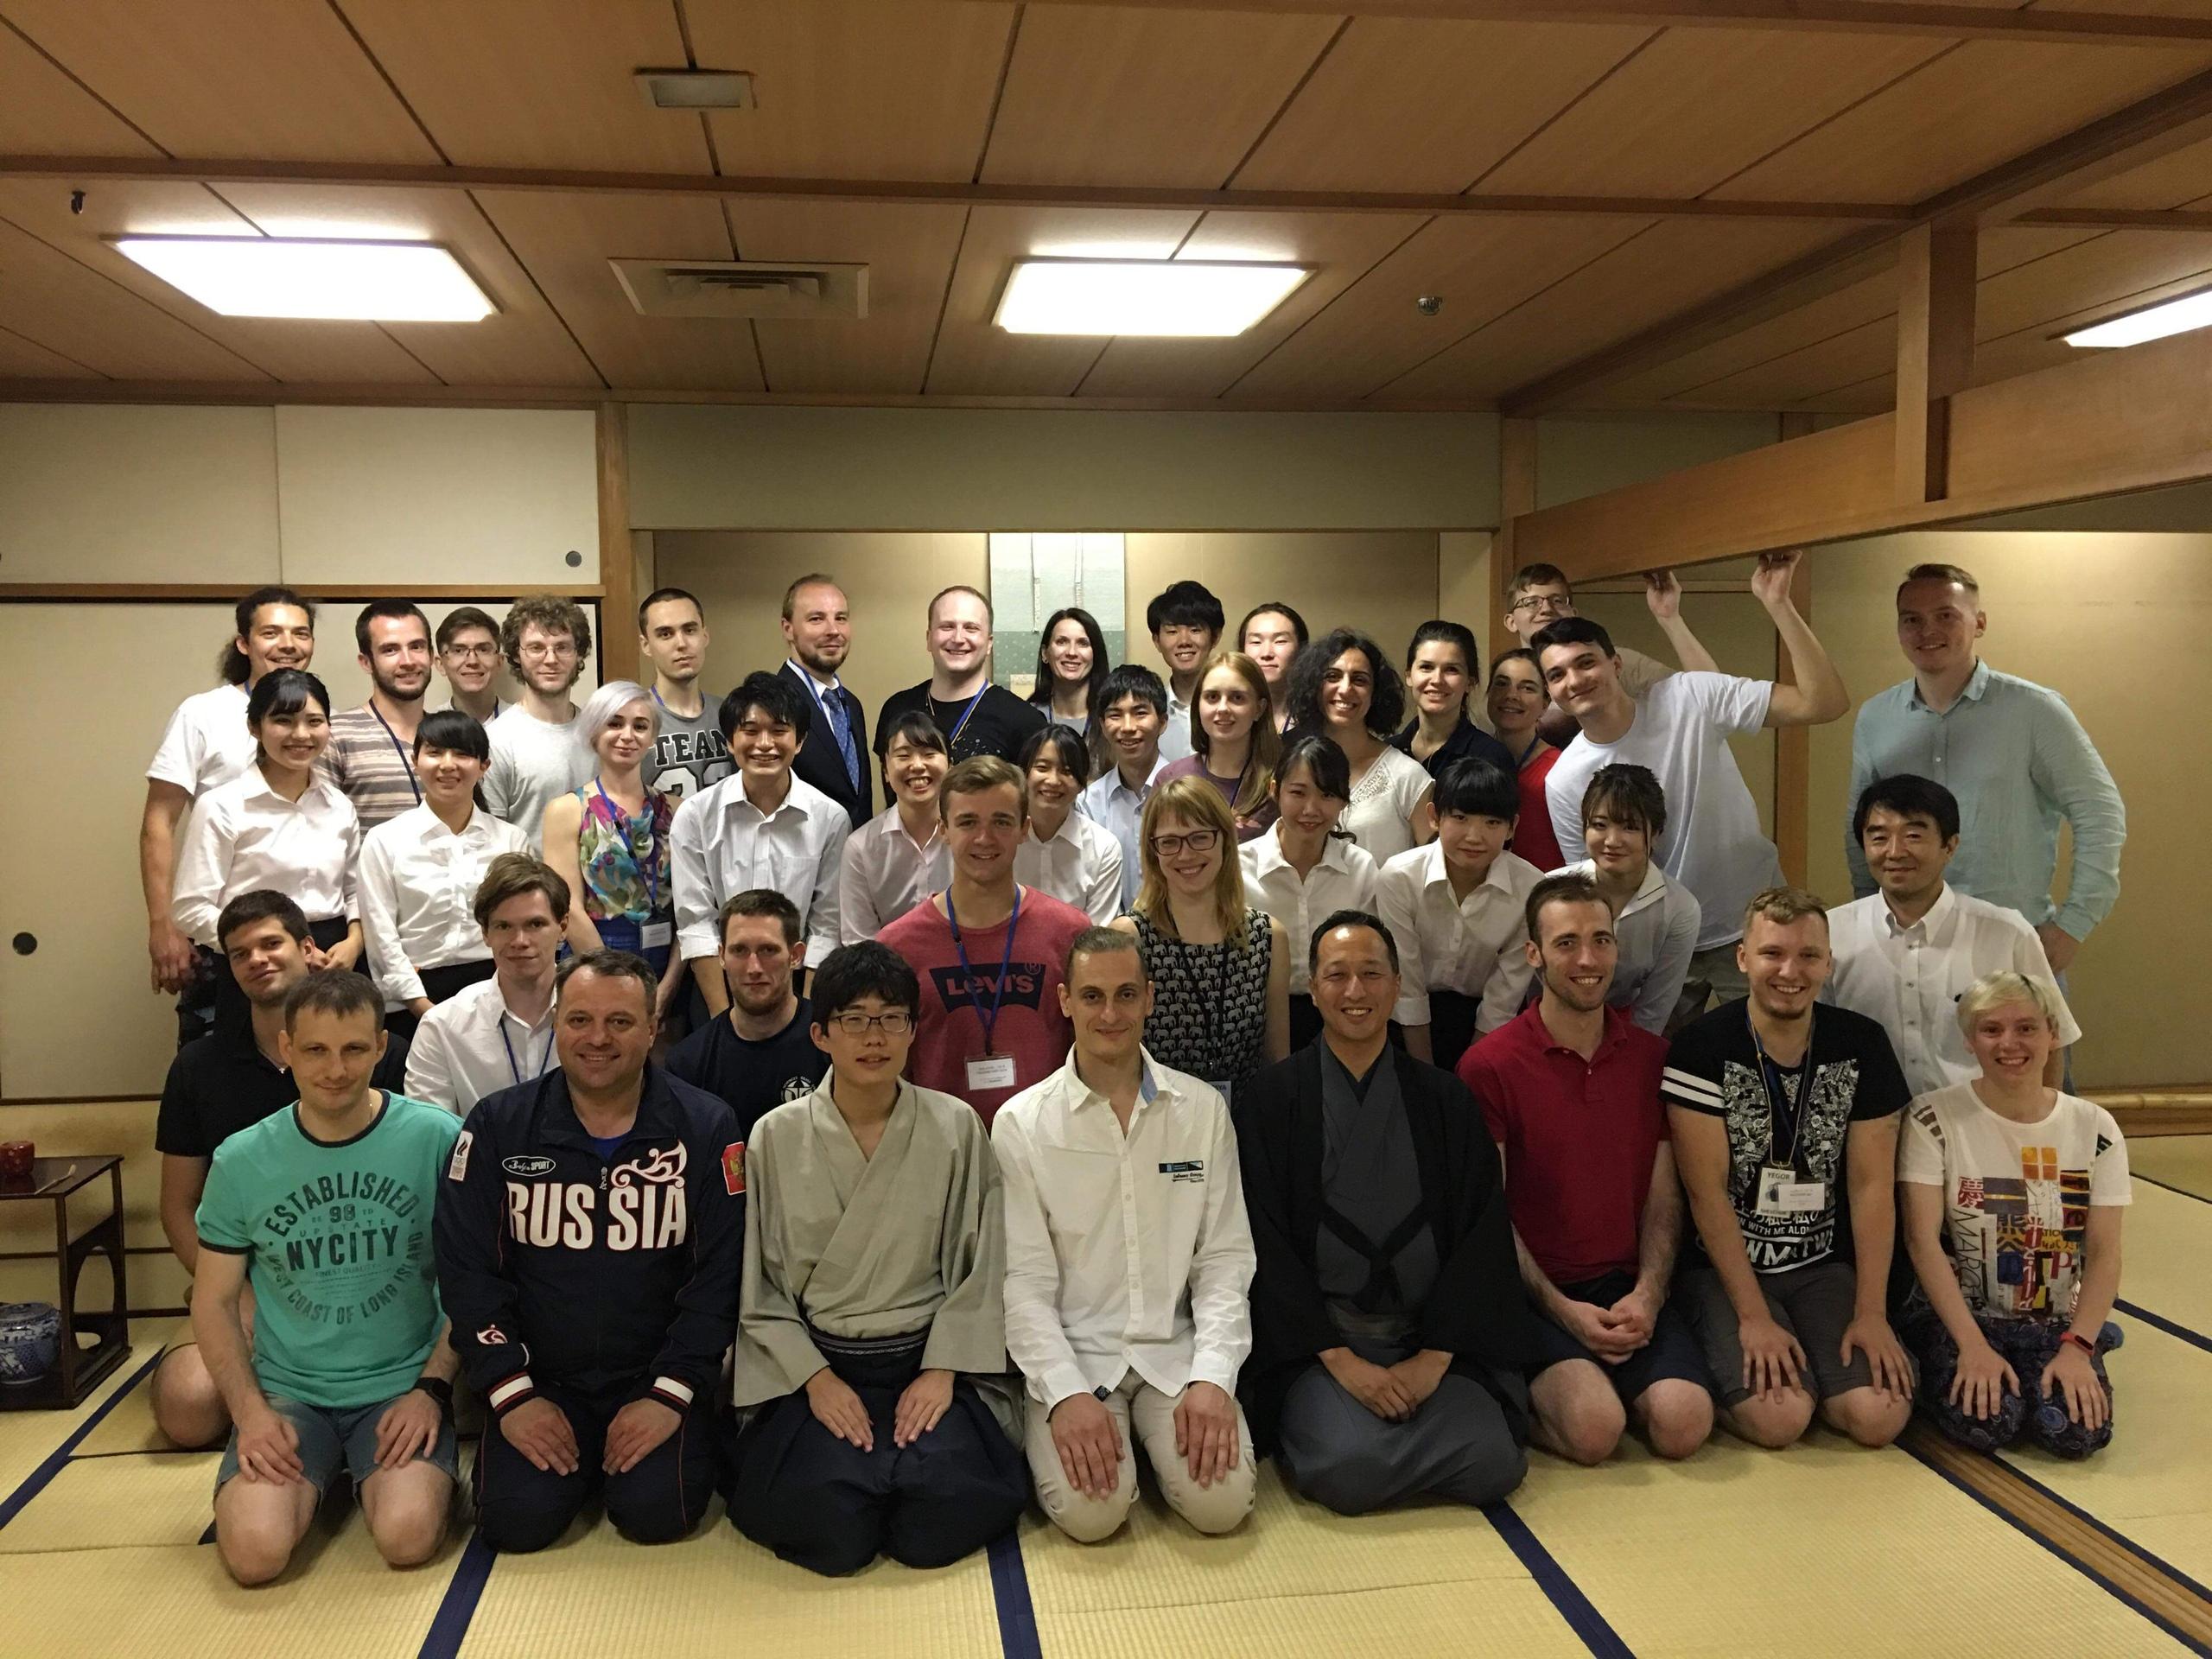 Официальный визит делегации Российской федерации кендо в Японию в июле 2018 года